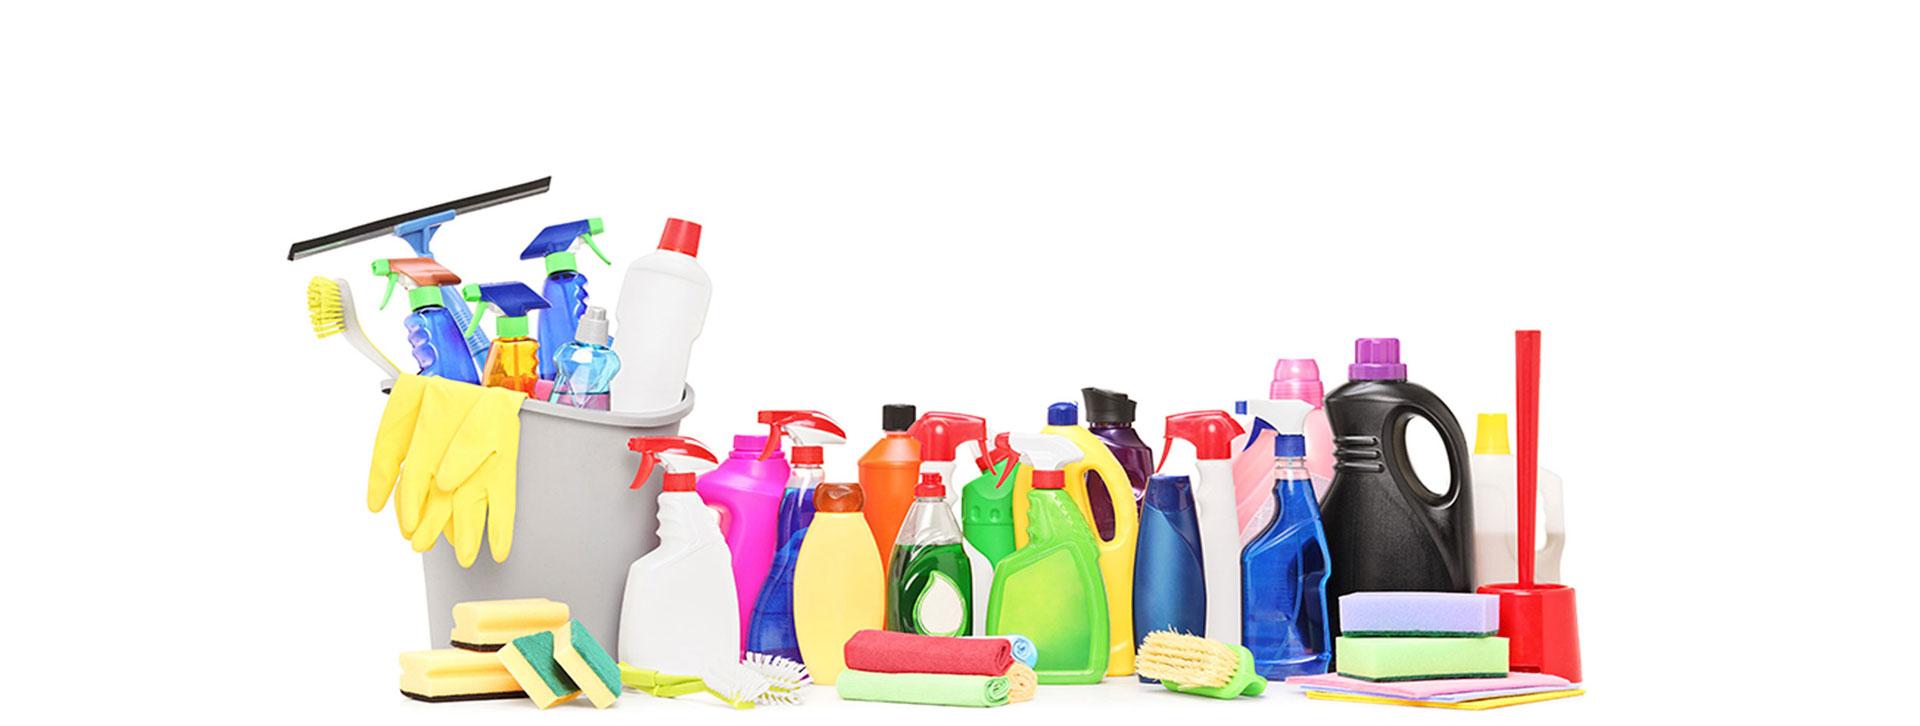 Mutfak dolapları Nasıl Temizlenir